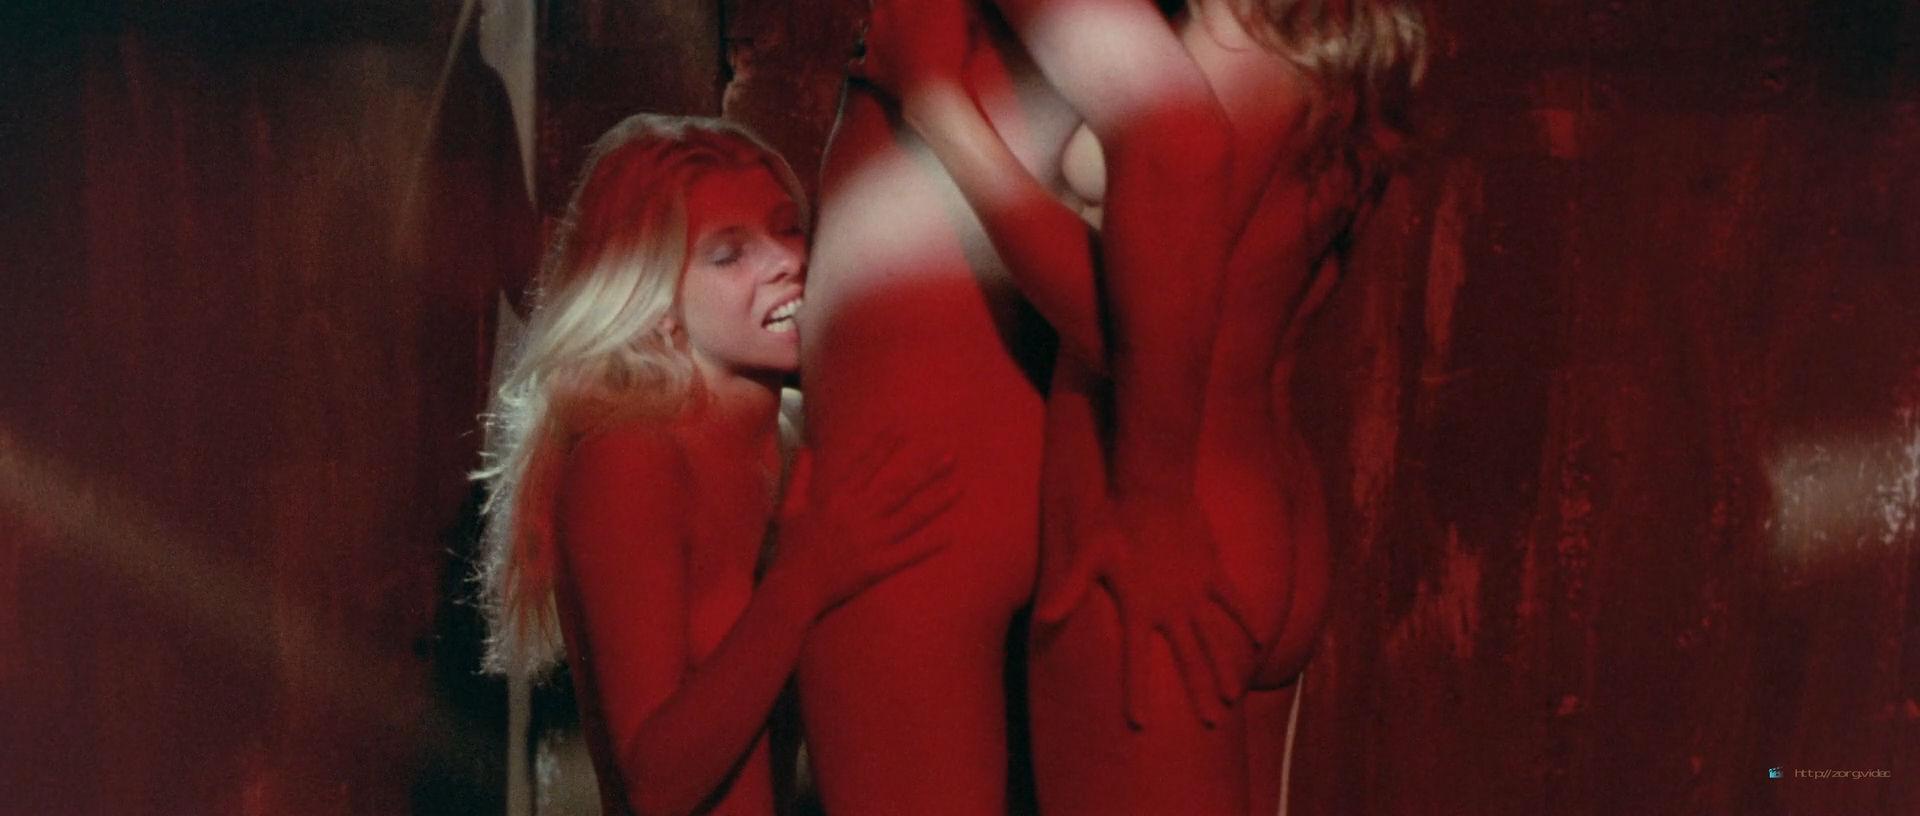 Marja de Heer nude full frontal others nude too - Mijn Nachten met Susan, Olga, Albert, Julie, Piet & Sandra (NL-1975) HD 1080p (5)